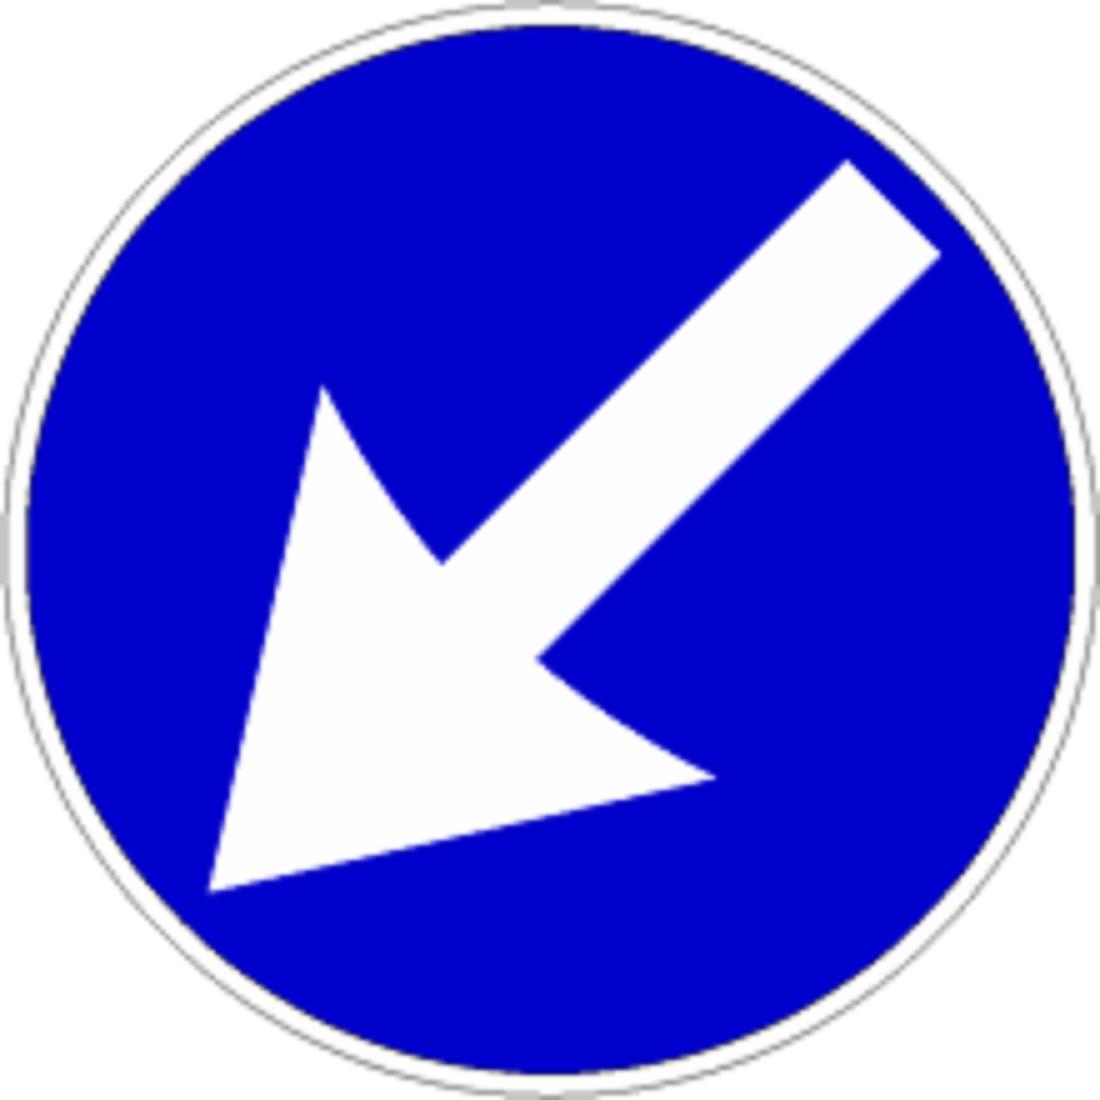 Segnale Di Obbligo Passaggio Obbligatorio A Sinistra Officine